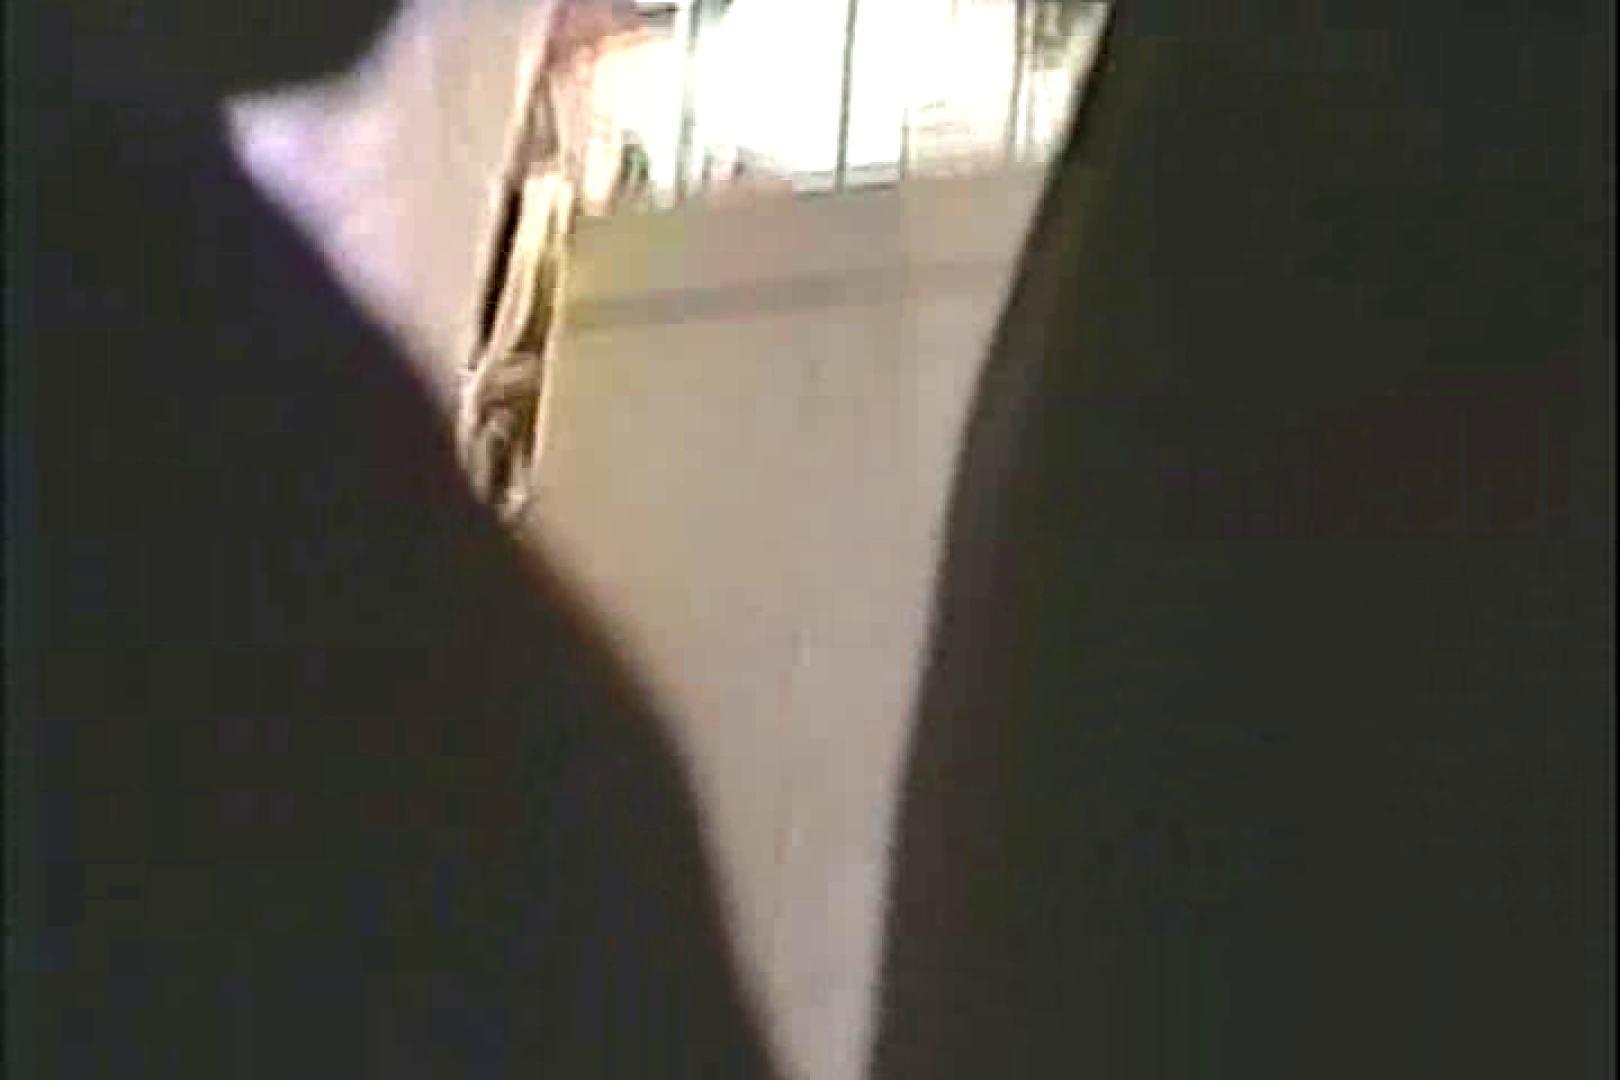 「ちくりん」さんのオリジナル未編集パンチラVol.3_01 チラ 盗撮おめこ無修正動画無料 100画像 63